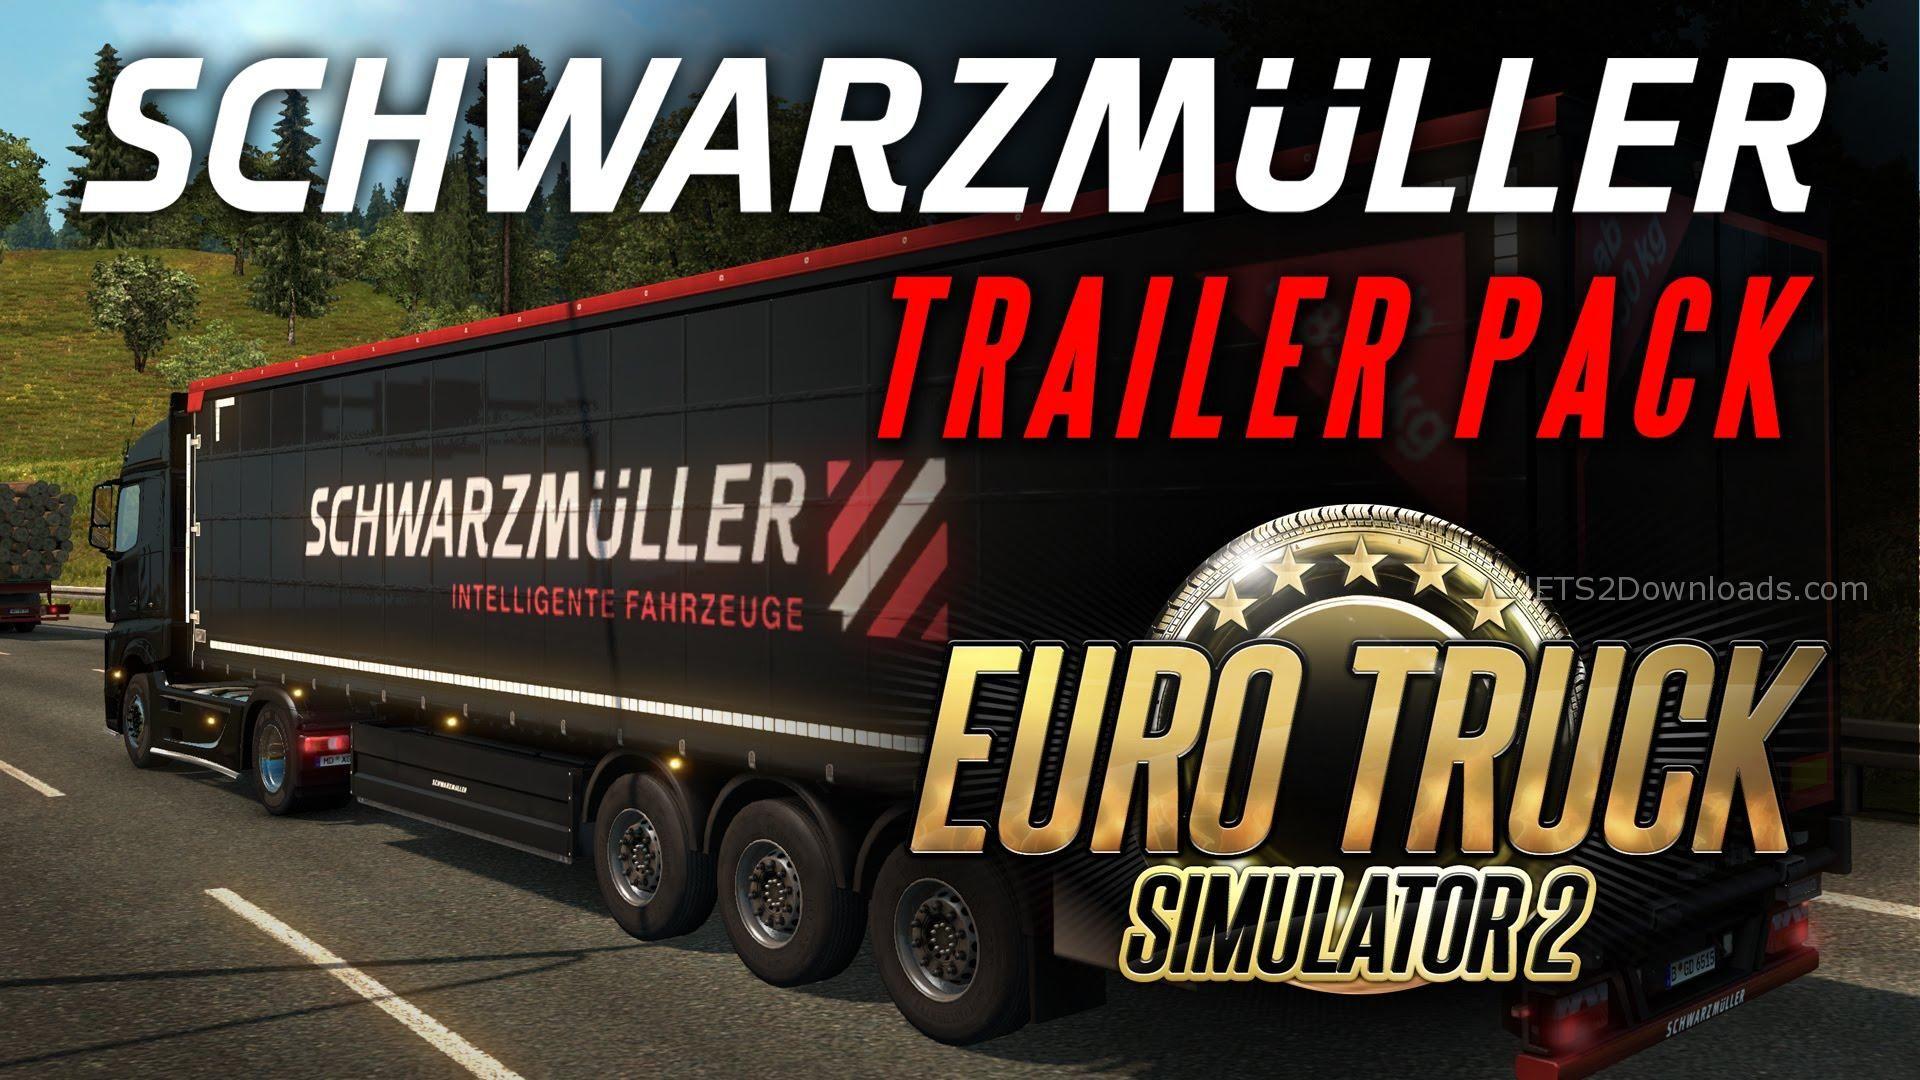 schwarzmuller-trailer-pack-dlc-1